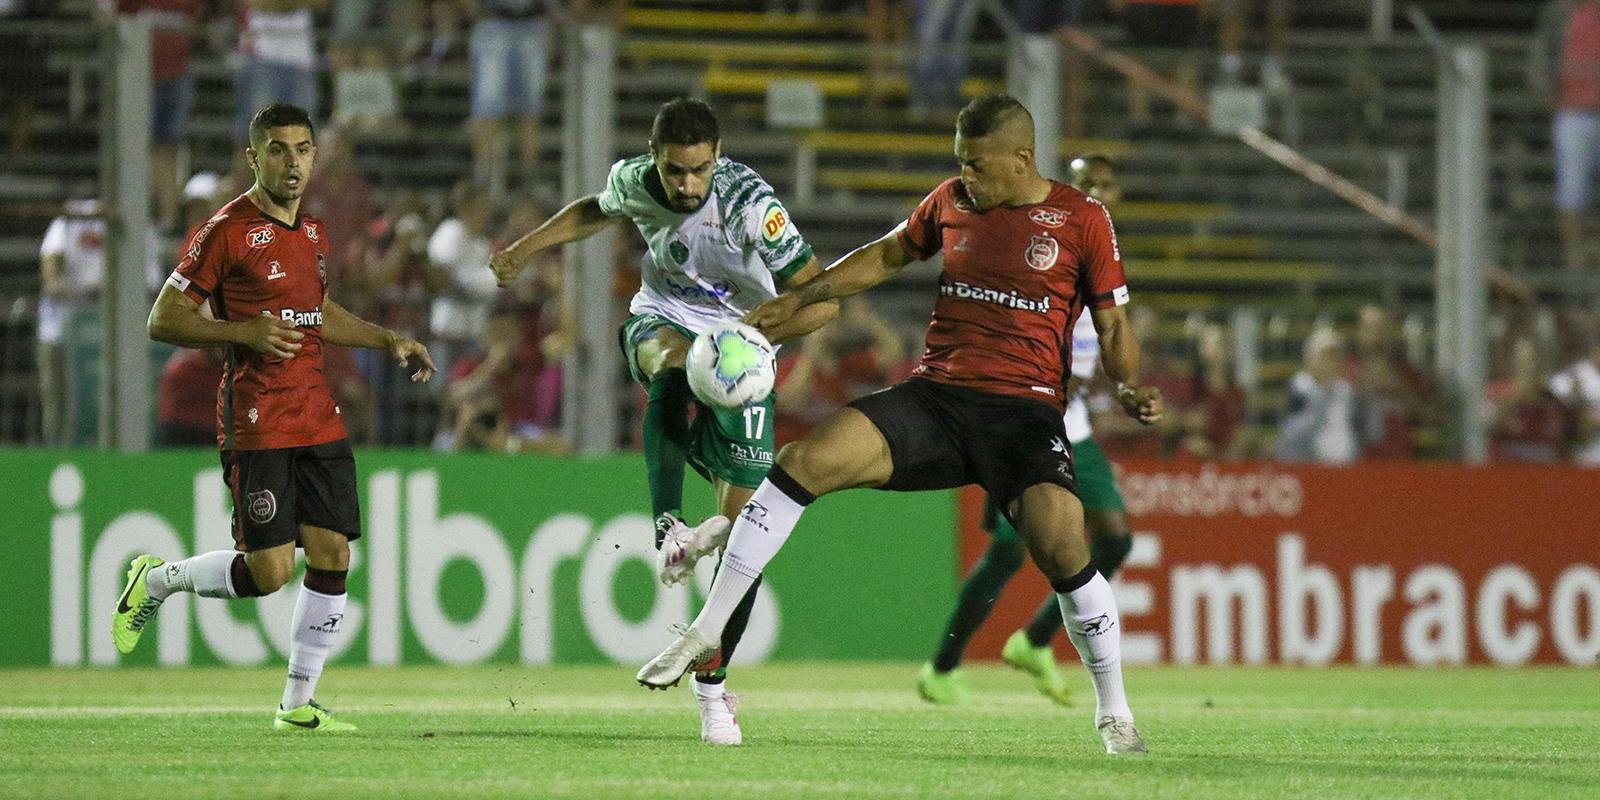 Manaus perde e está eliminado da Copa do Brasil